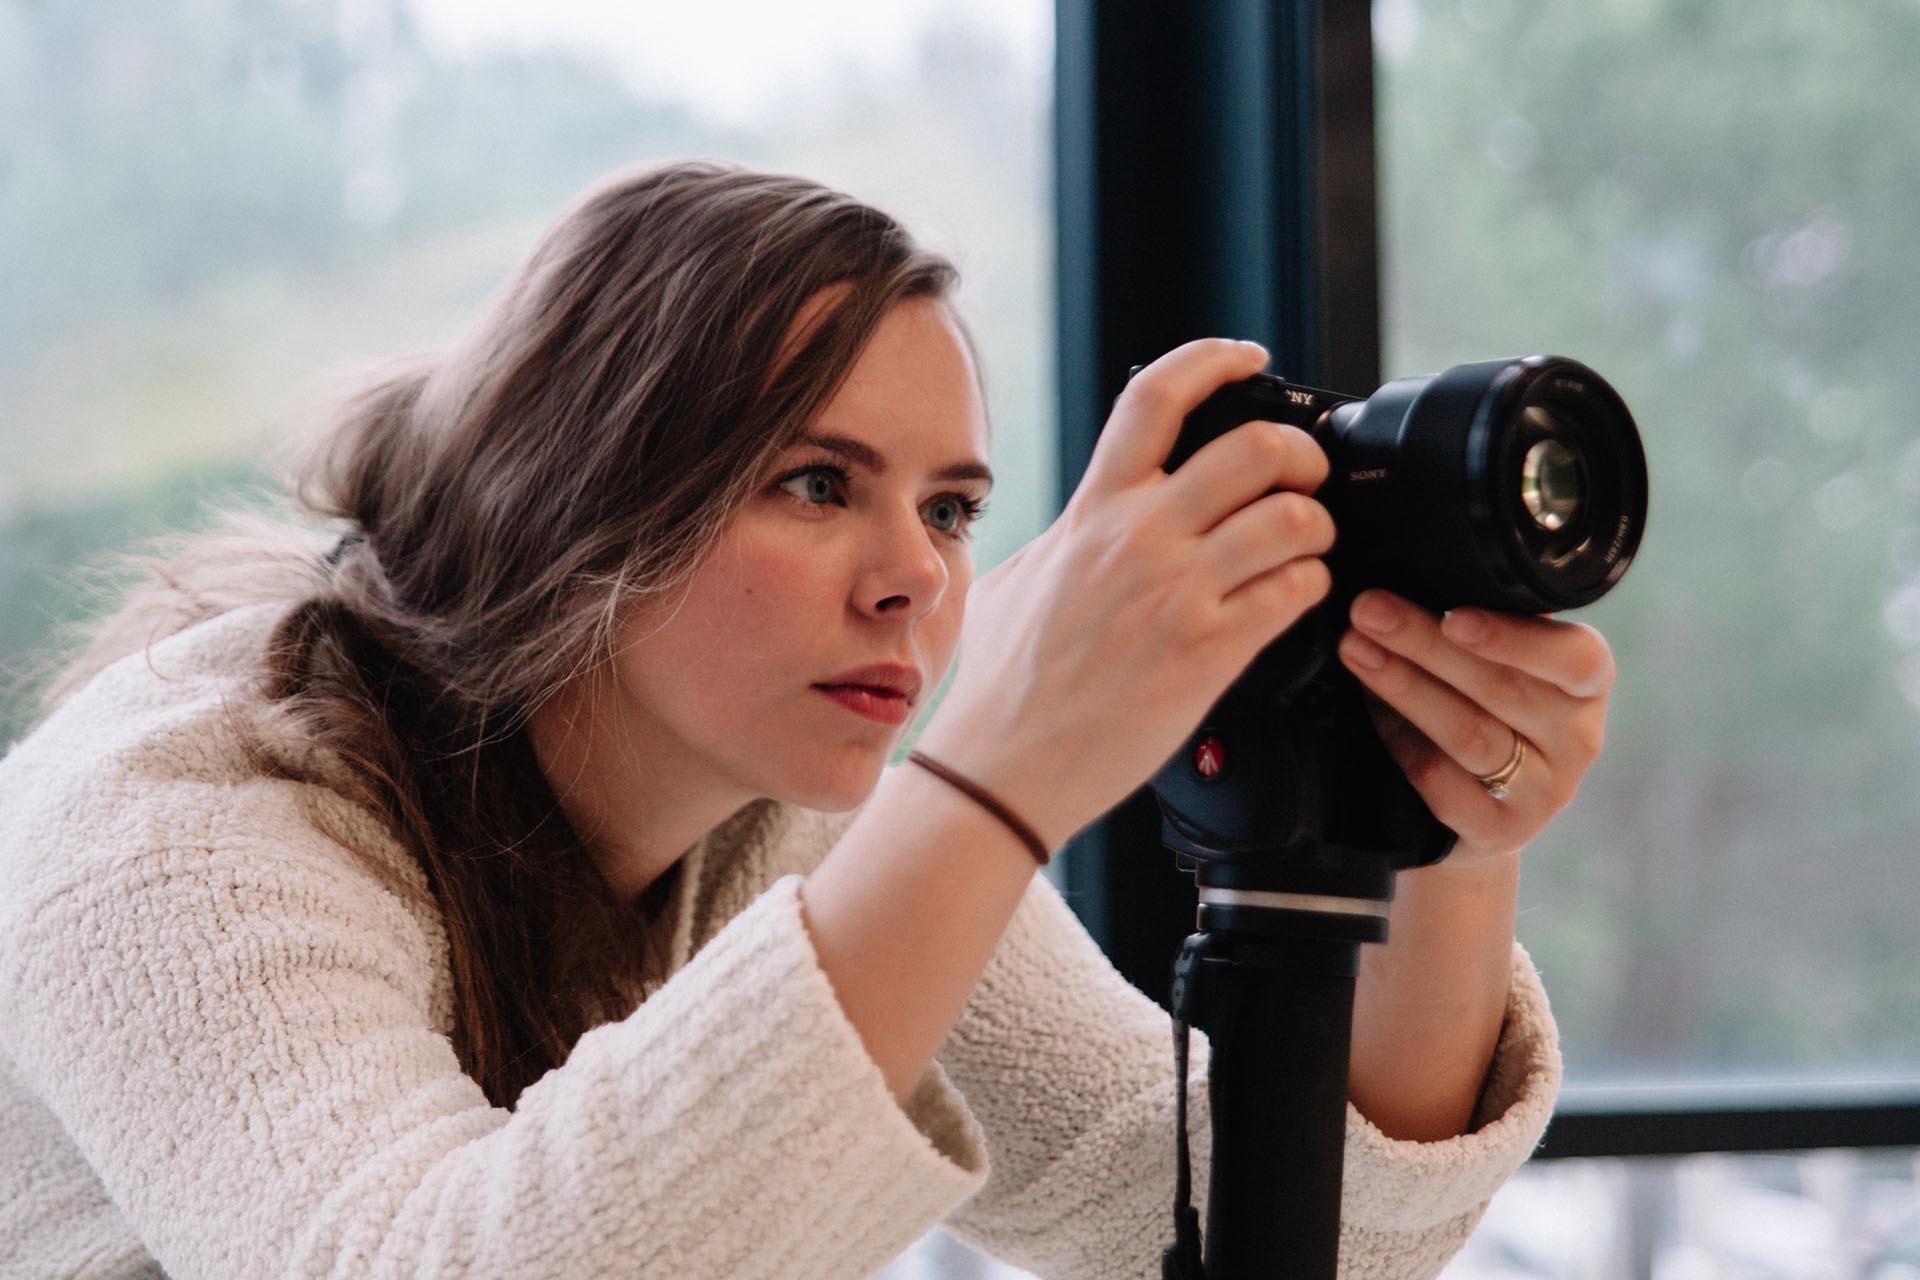 Multimediaproduktionen bringen Ihnen mehr Erfolg